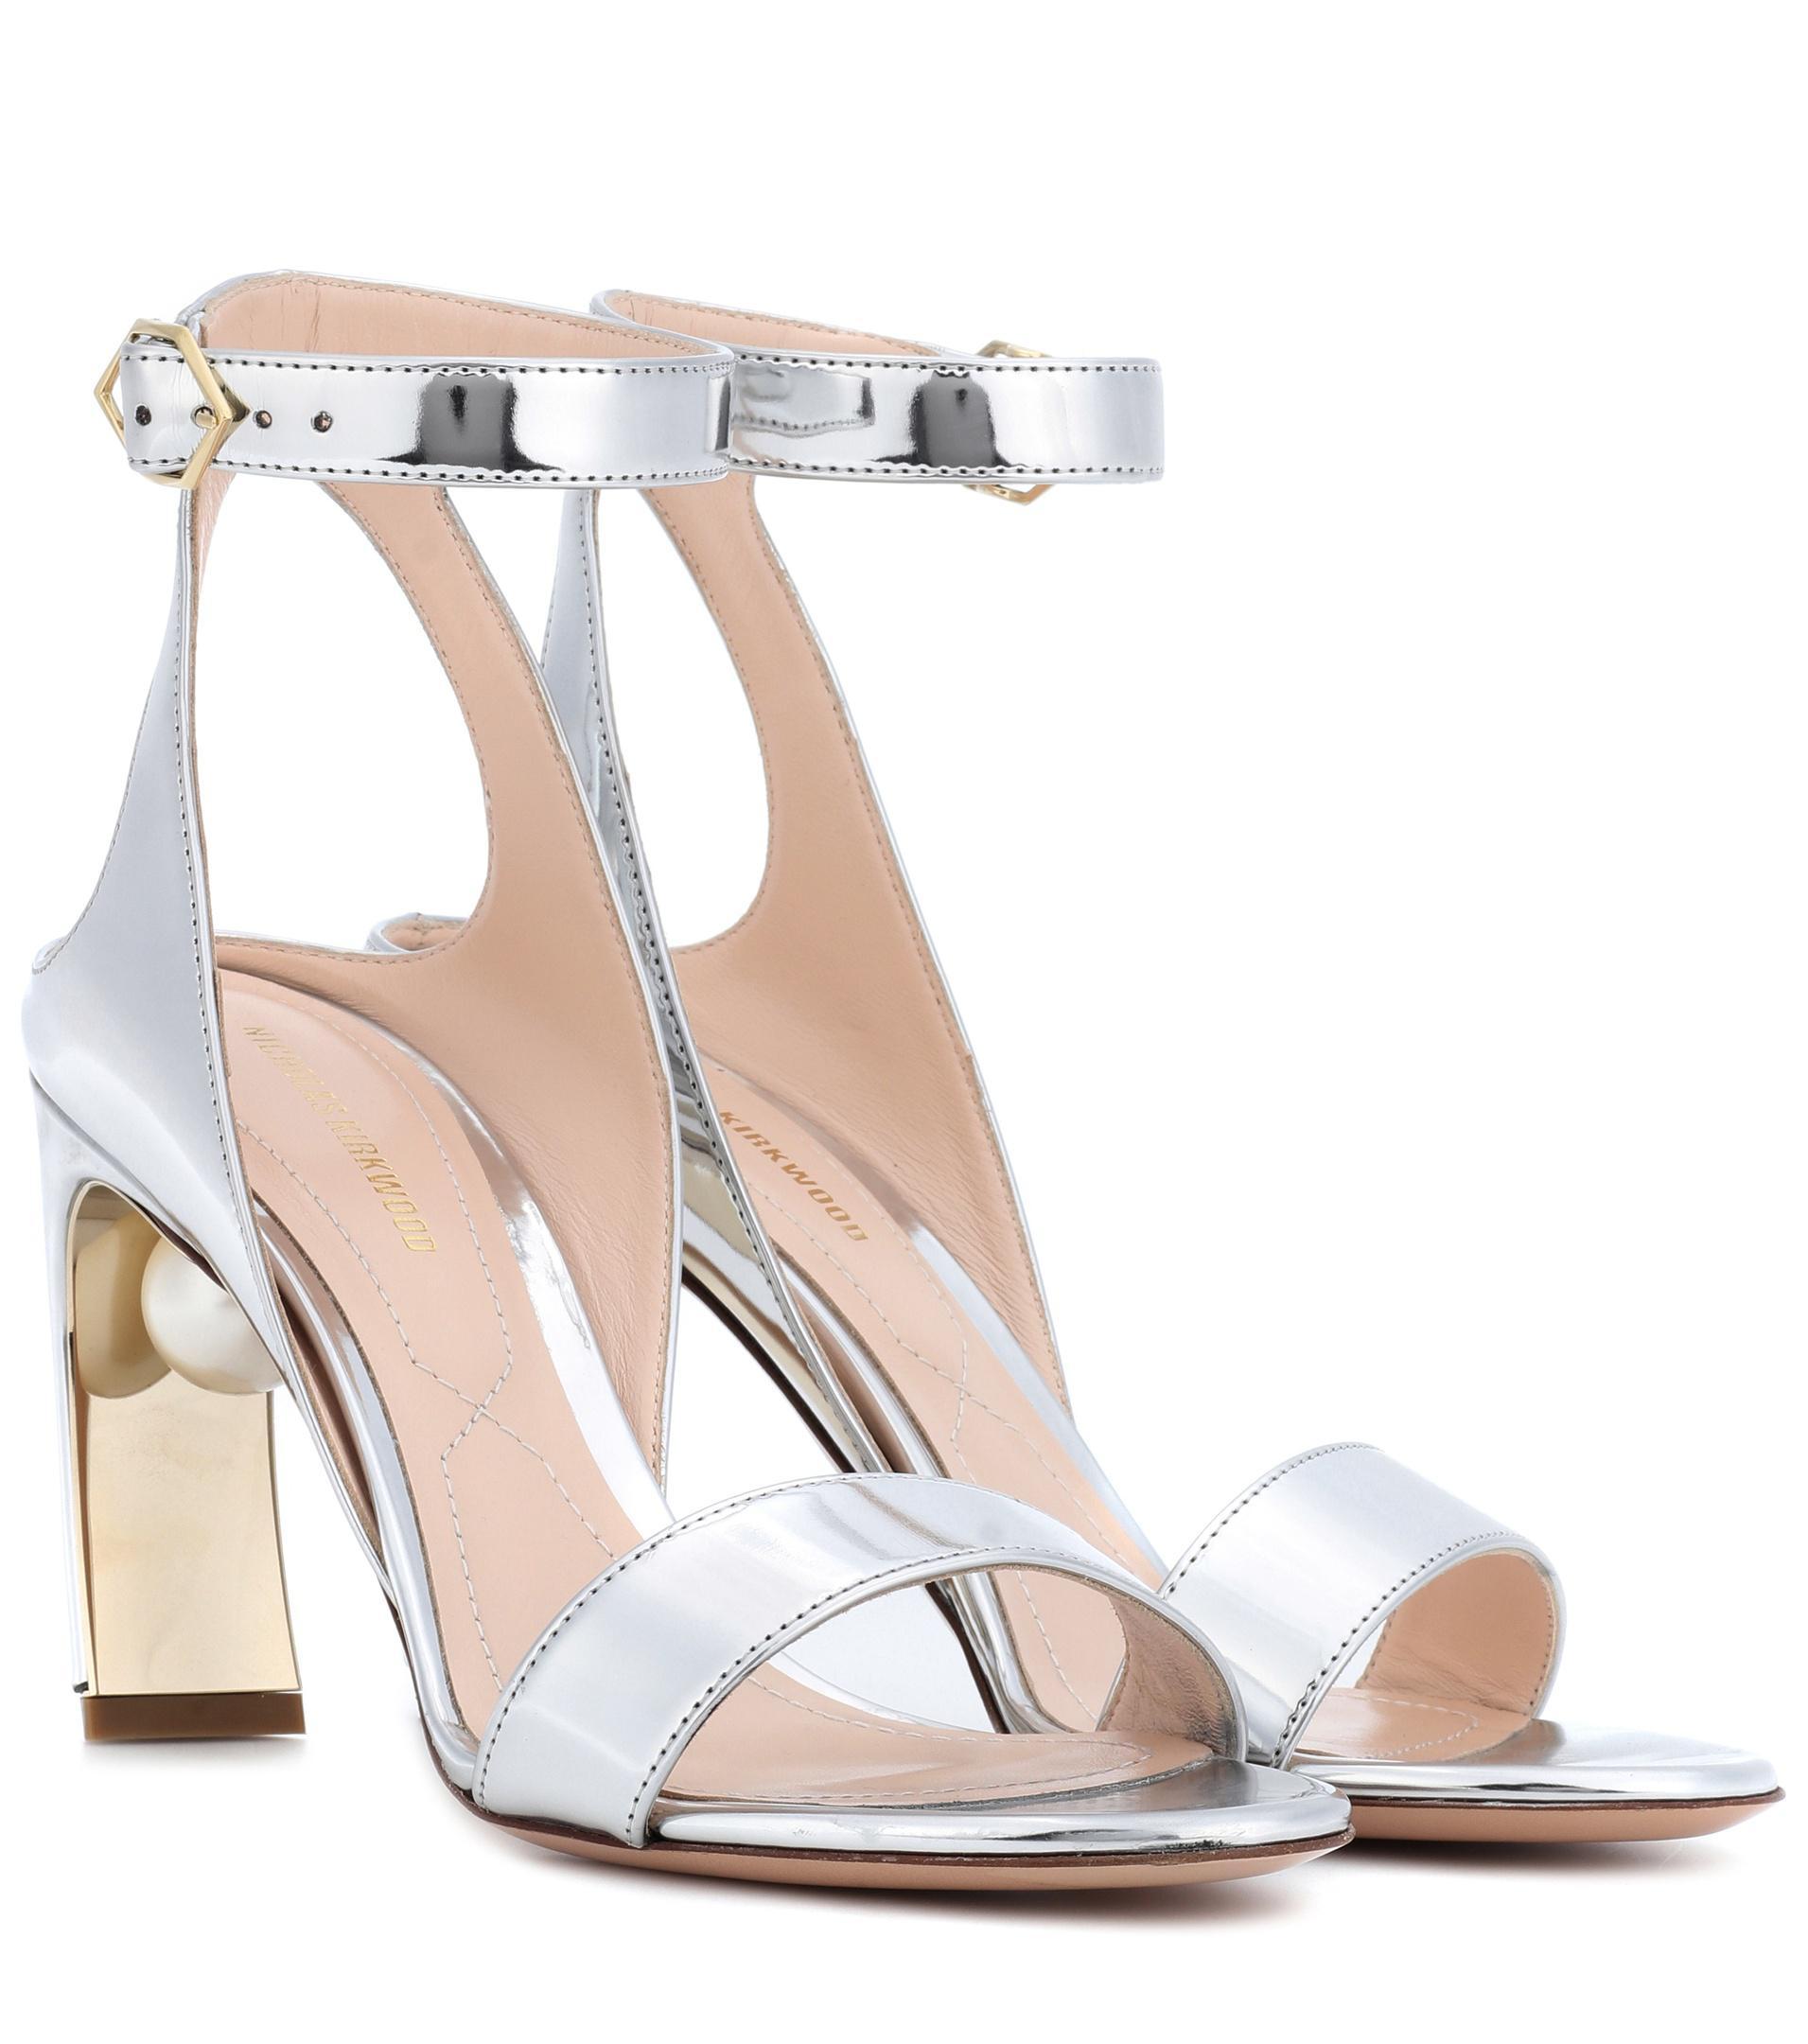 49a0d3ddde2 Lyst - Nicholas Kirkwood Lola Pearl 90mm Metallic Sandals in Metallic